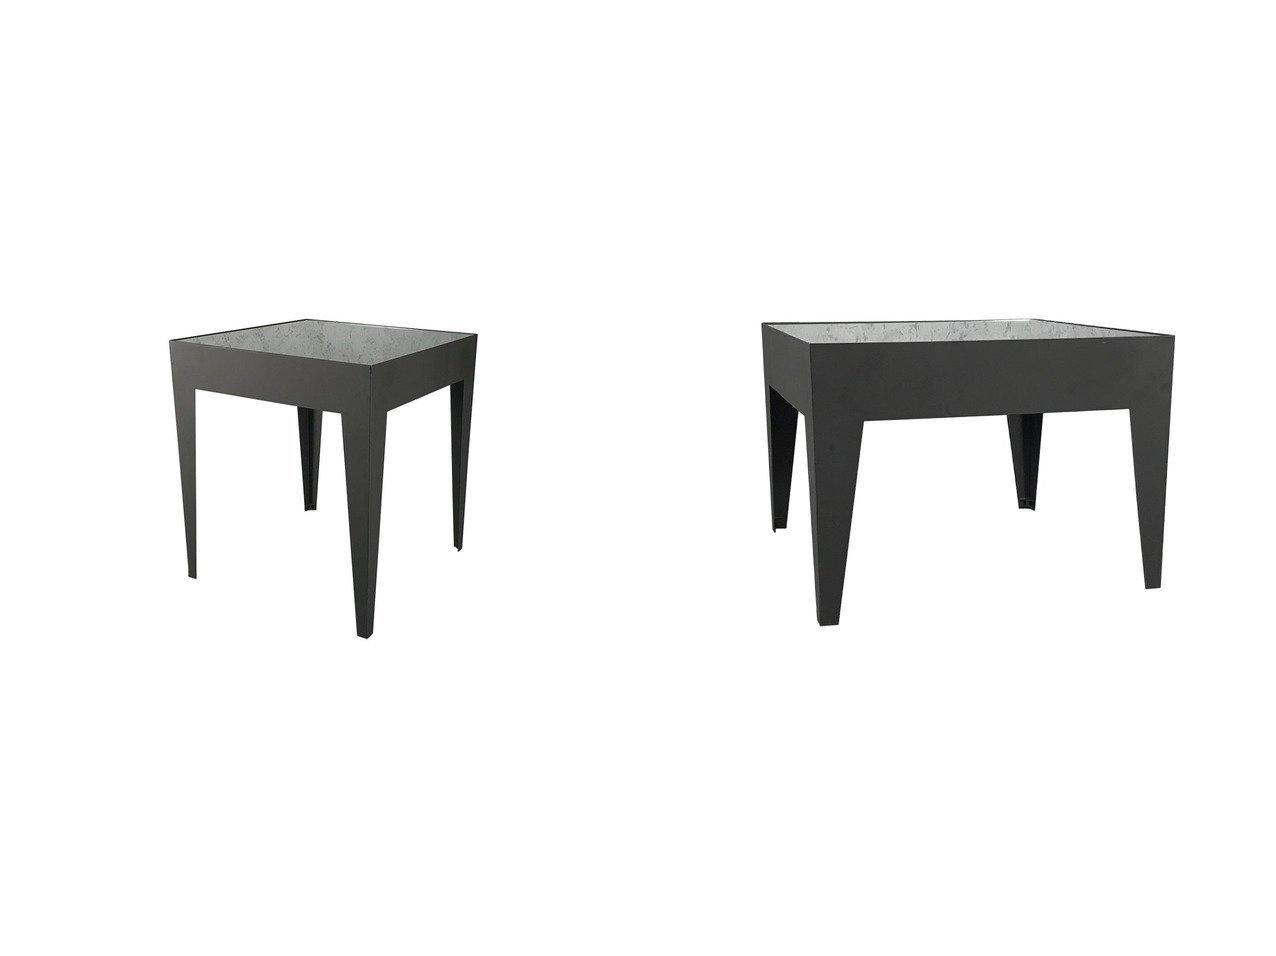 【FLYMEe Noir/フライミー ノワール】のムロ コレクションテーブル 高さ70cm&ムロ コレクションテーブル 高さ45cm 【FURNITURE】おすすめ!人気、インテリア・家具の通販 おすすめで人気の流行・トレンド、ファッションの通販商品 メンズファッション・キッズファッション・インテリア・家具・レディースファッション・服の通販 founy(ファニー) https://founy.com/ 送料無料 Free Shipping コレクション シンプル テーブル ワーク ホーム・キャンプ・アウトドア Home,Garden,Outdoor,Camping Gear 家具・インテリア Furniture テーブル Table カフェテーブル ホーム・キャンプ・アウトドア Home,Garden,Outdoor,Camping Gear 家具・インテリア Furniture テーブル Table ローテーブル・センターテーブル |ID:crp329100000039814